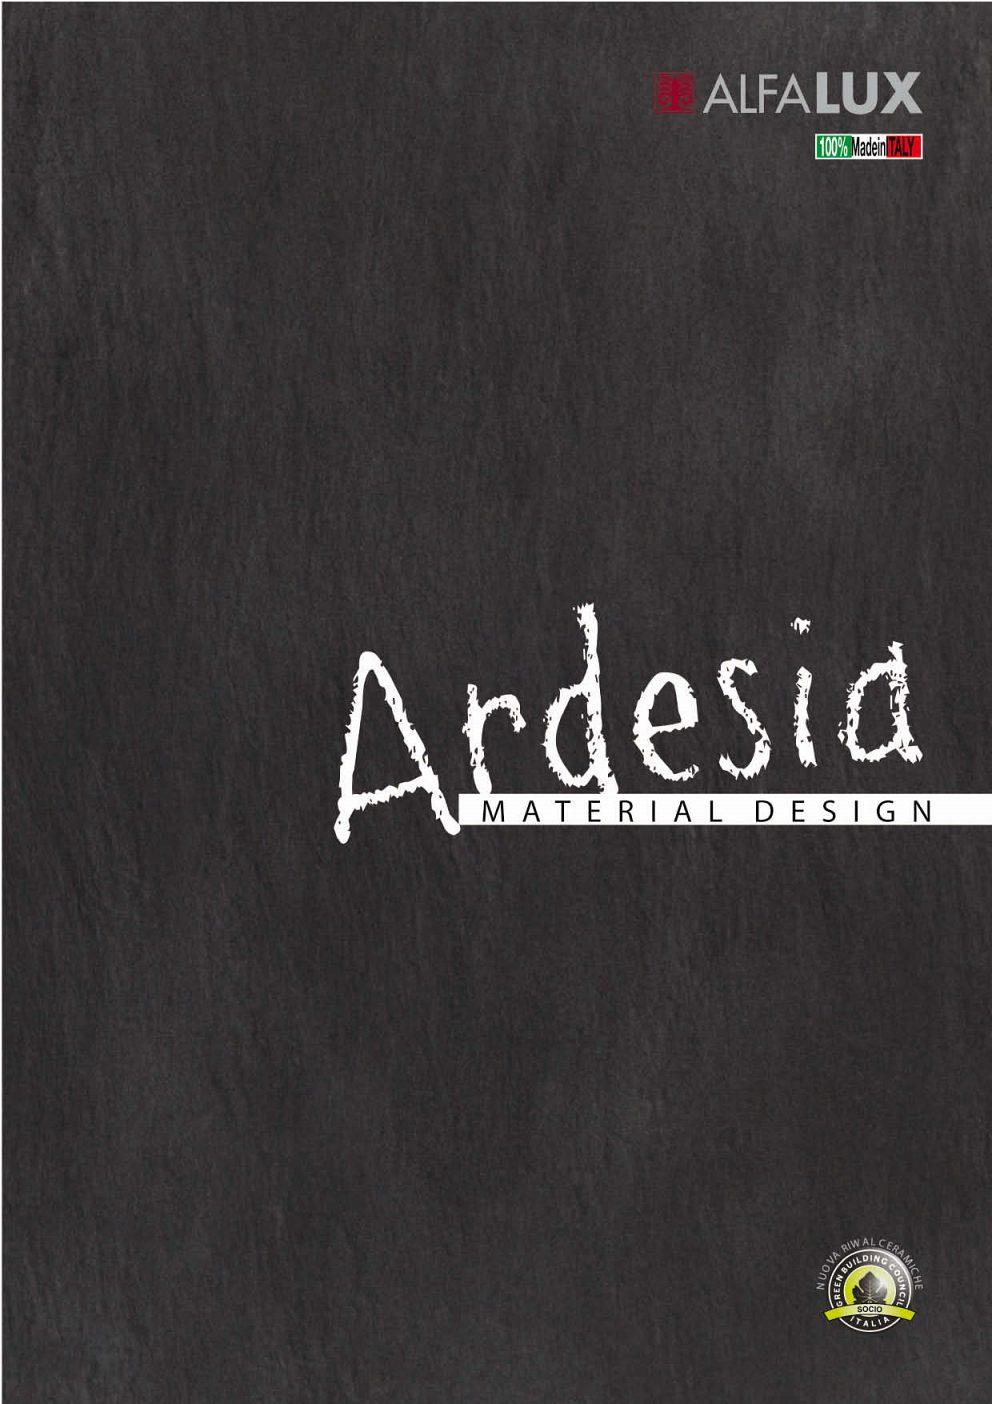 Alfalux - Ardesia